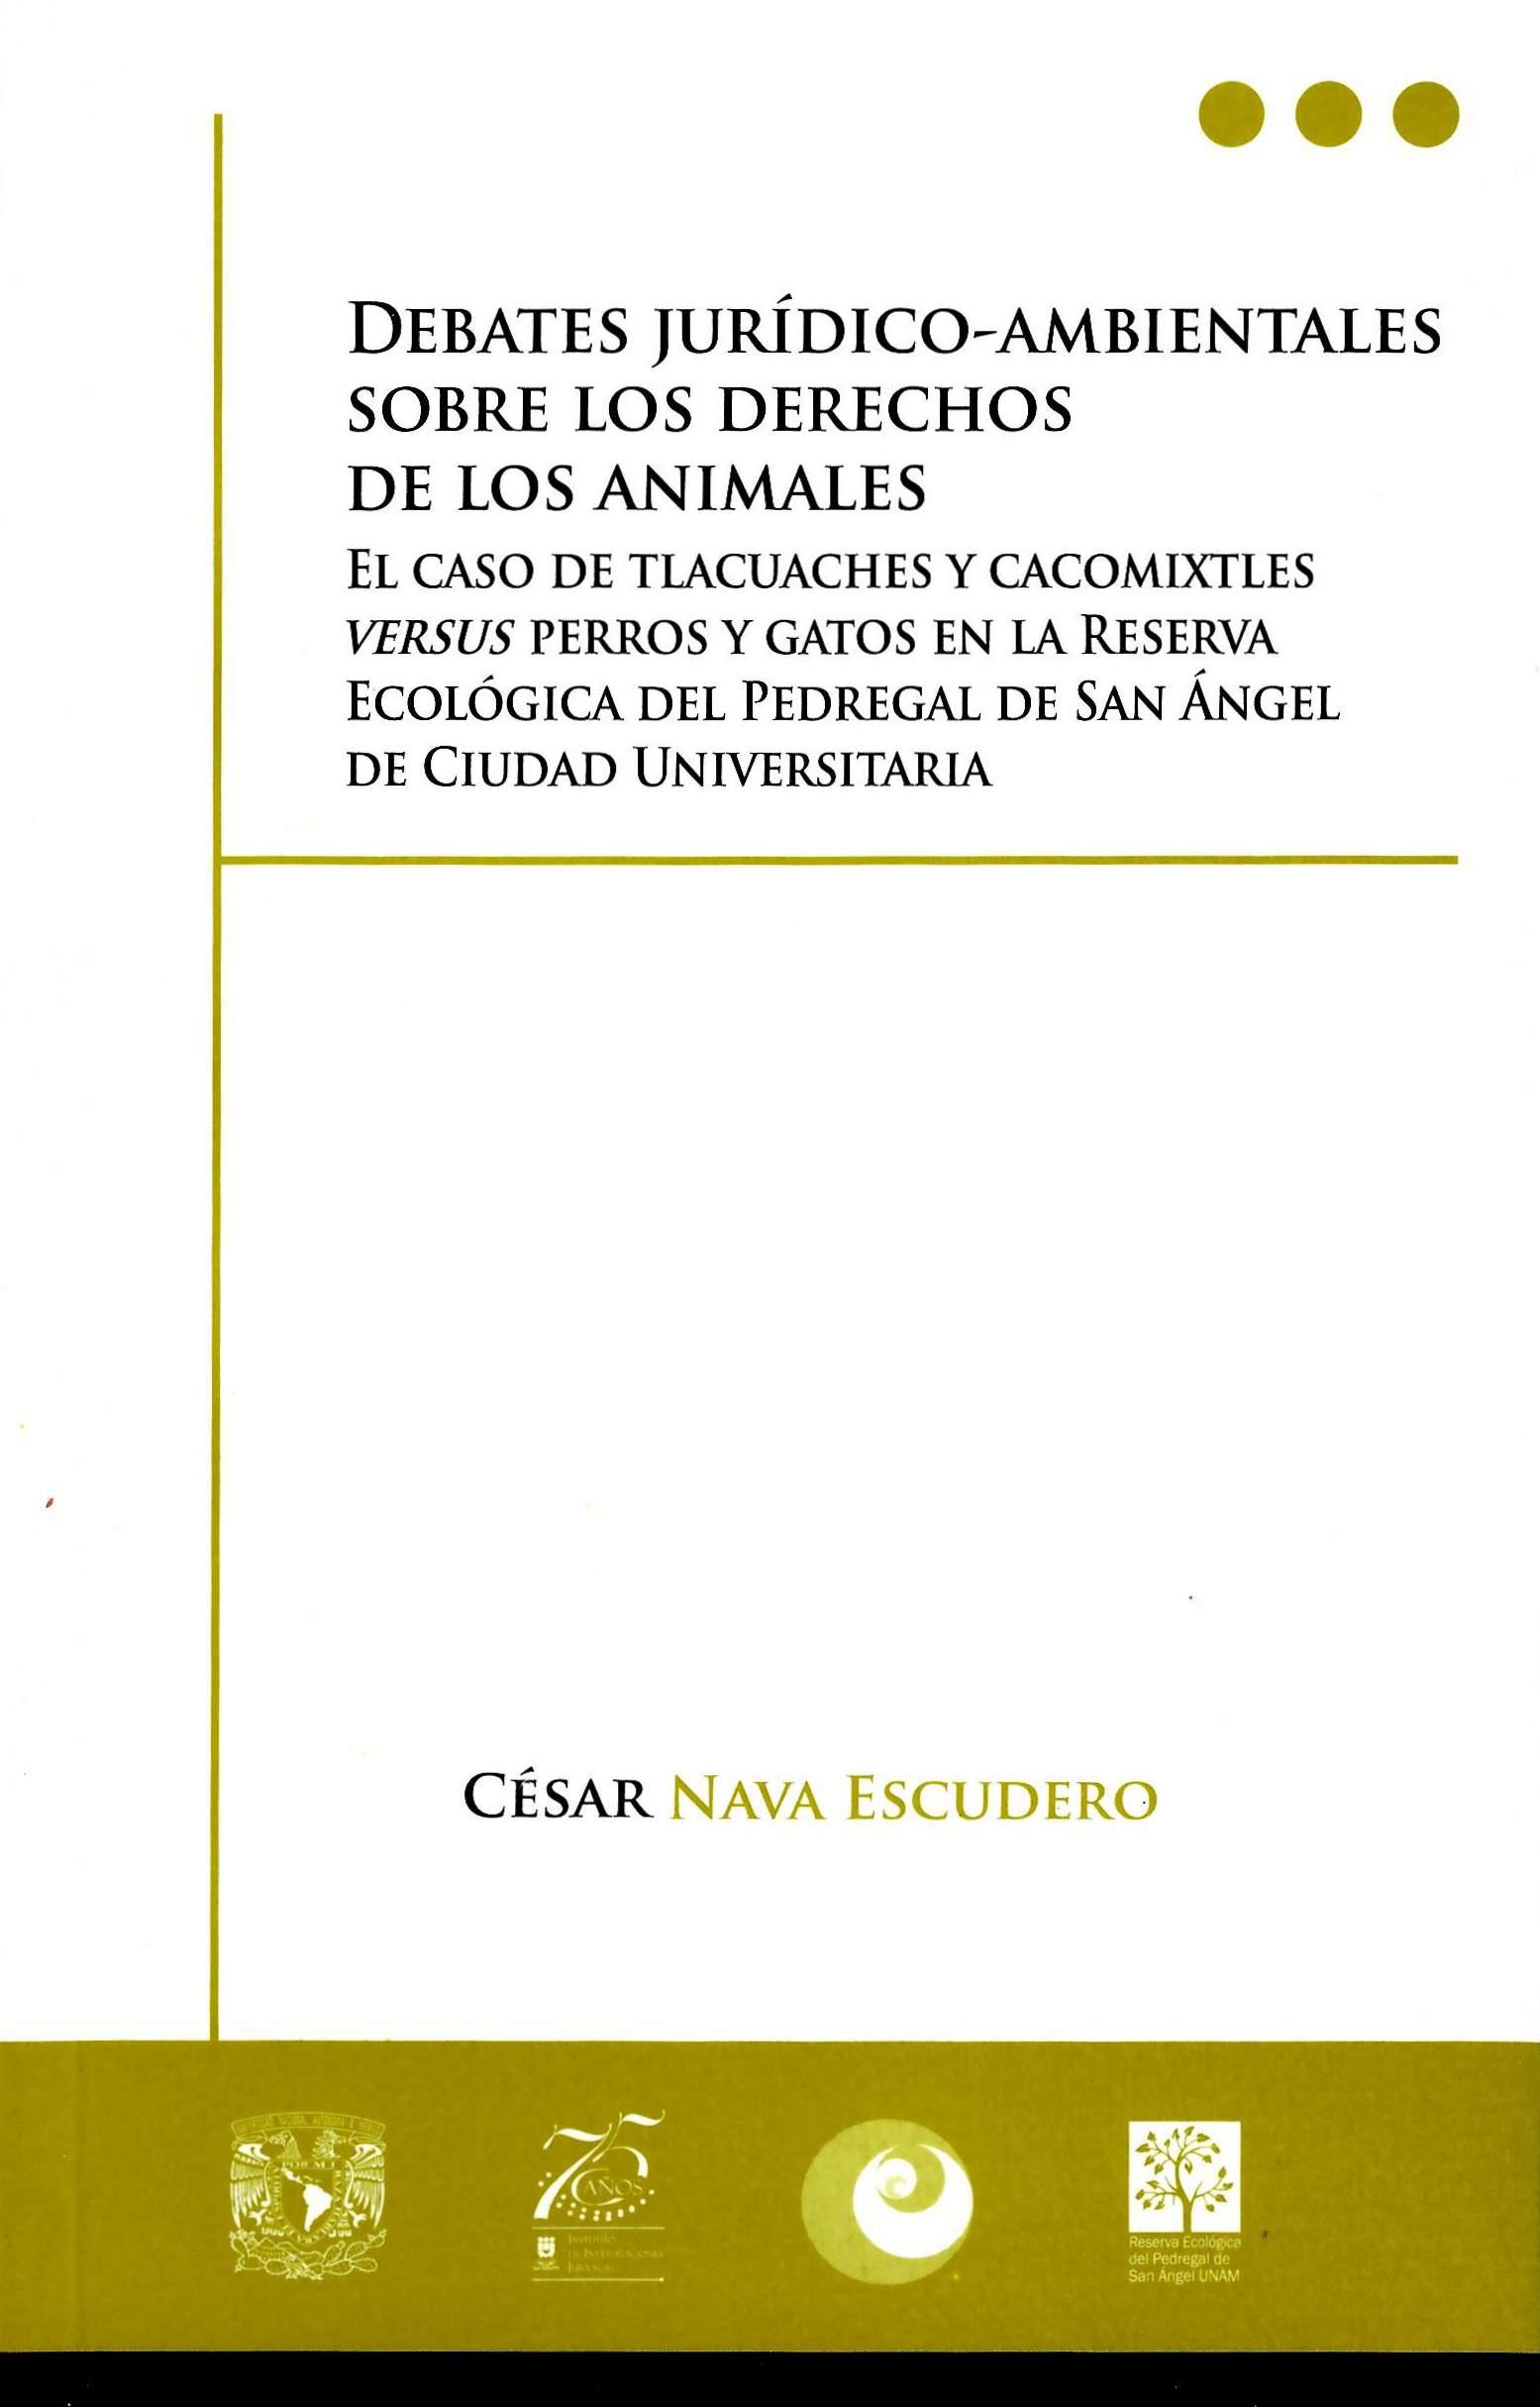 Debates jurídico-ambientales sobre los derechos de los animales.